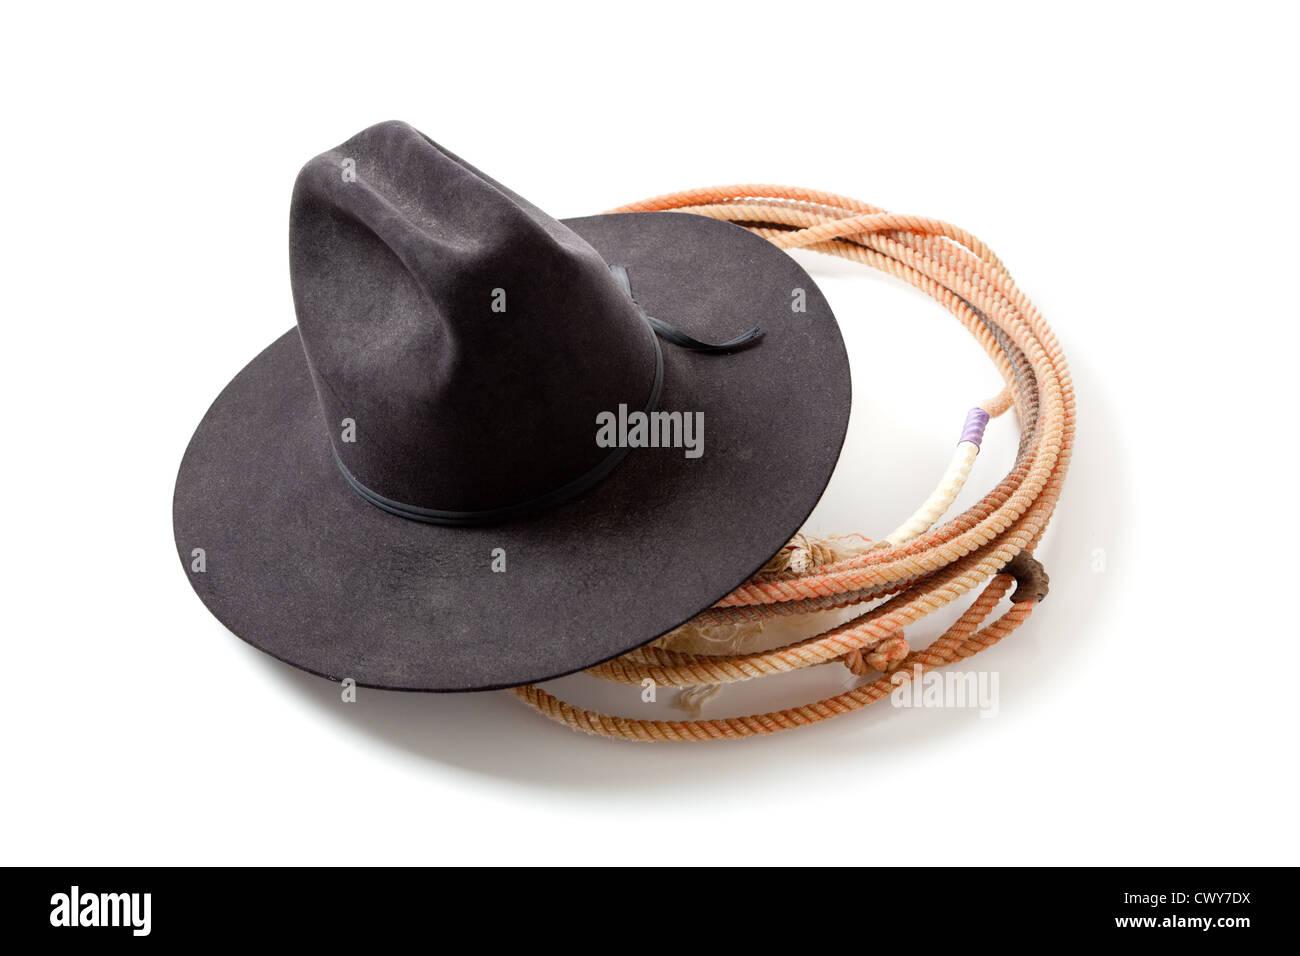 Un lazo o lariat di corde e di un cappello da cowboy su sfondo bianco  Immagini 05c589bd61fd